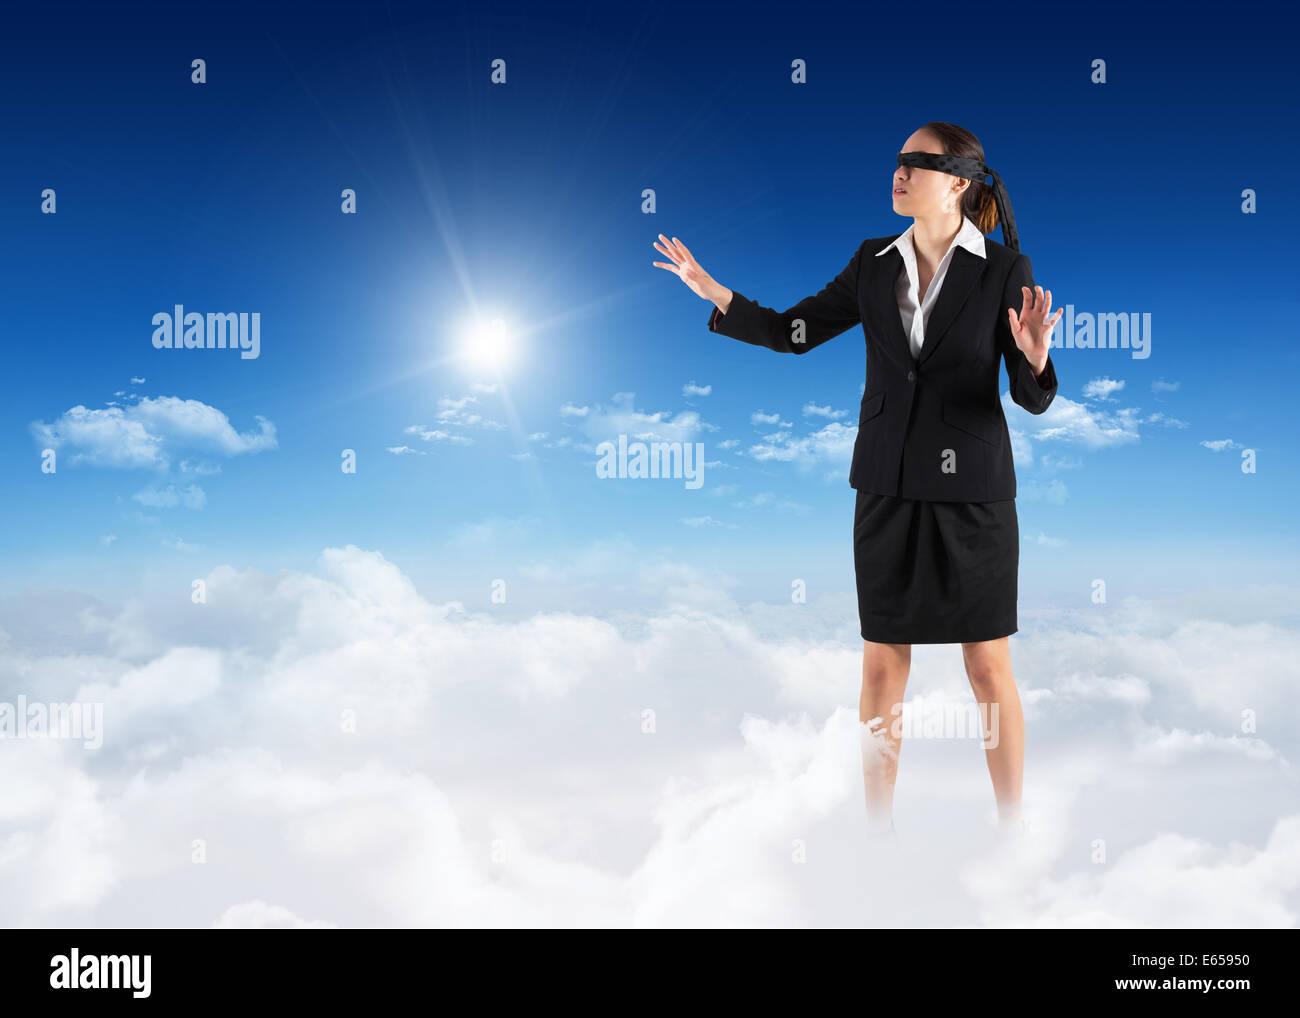 Immagine composita di occhi bendati imprenditrice con mani Immagini Stock